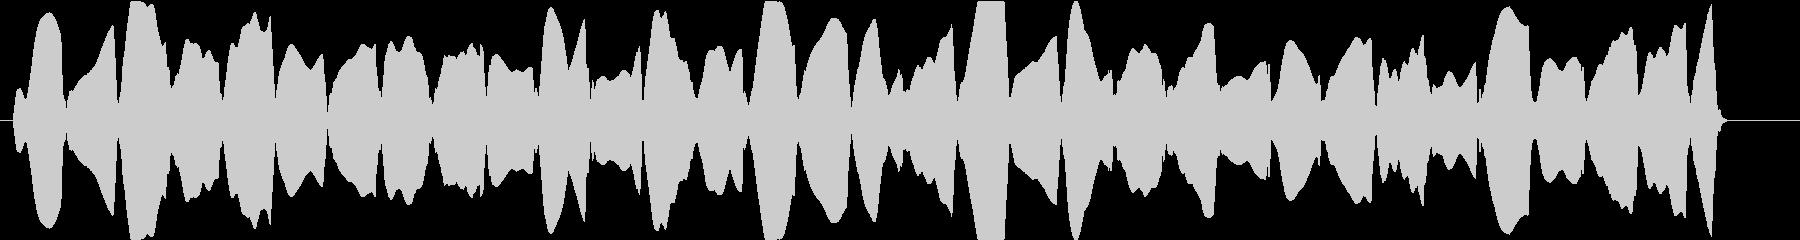 日本の救急車のサイレン(近距離)の未再生の波形